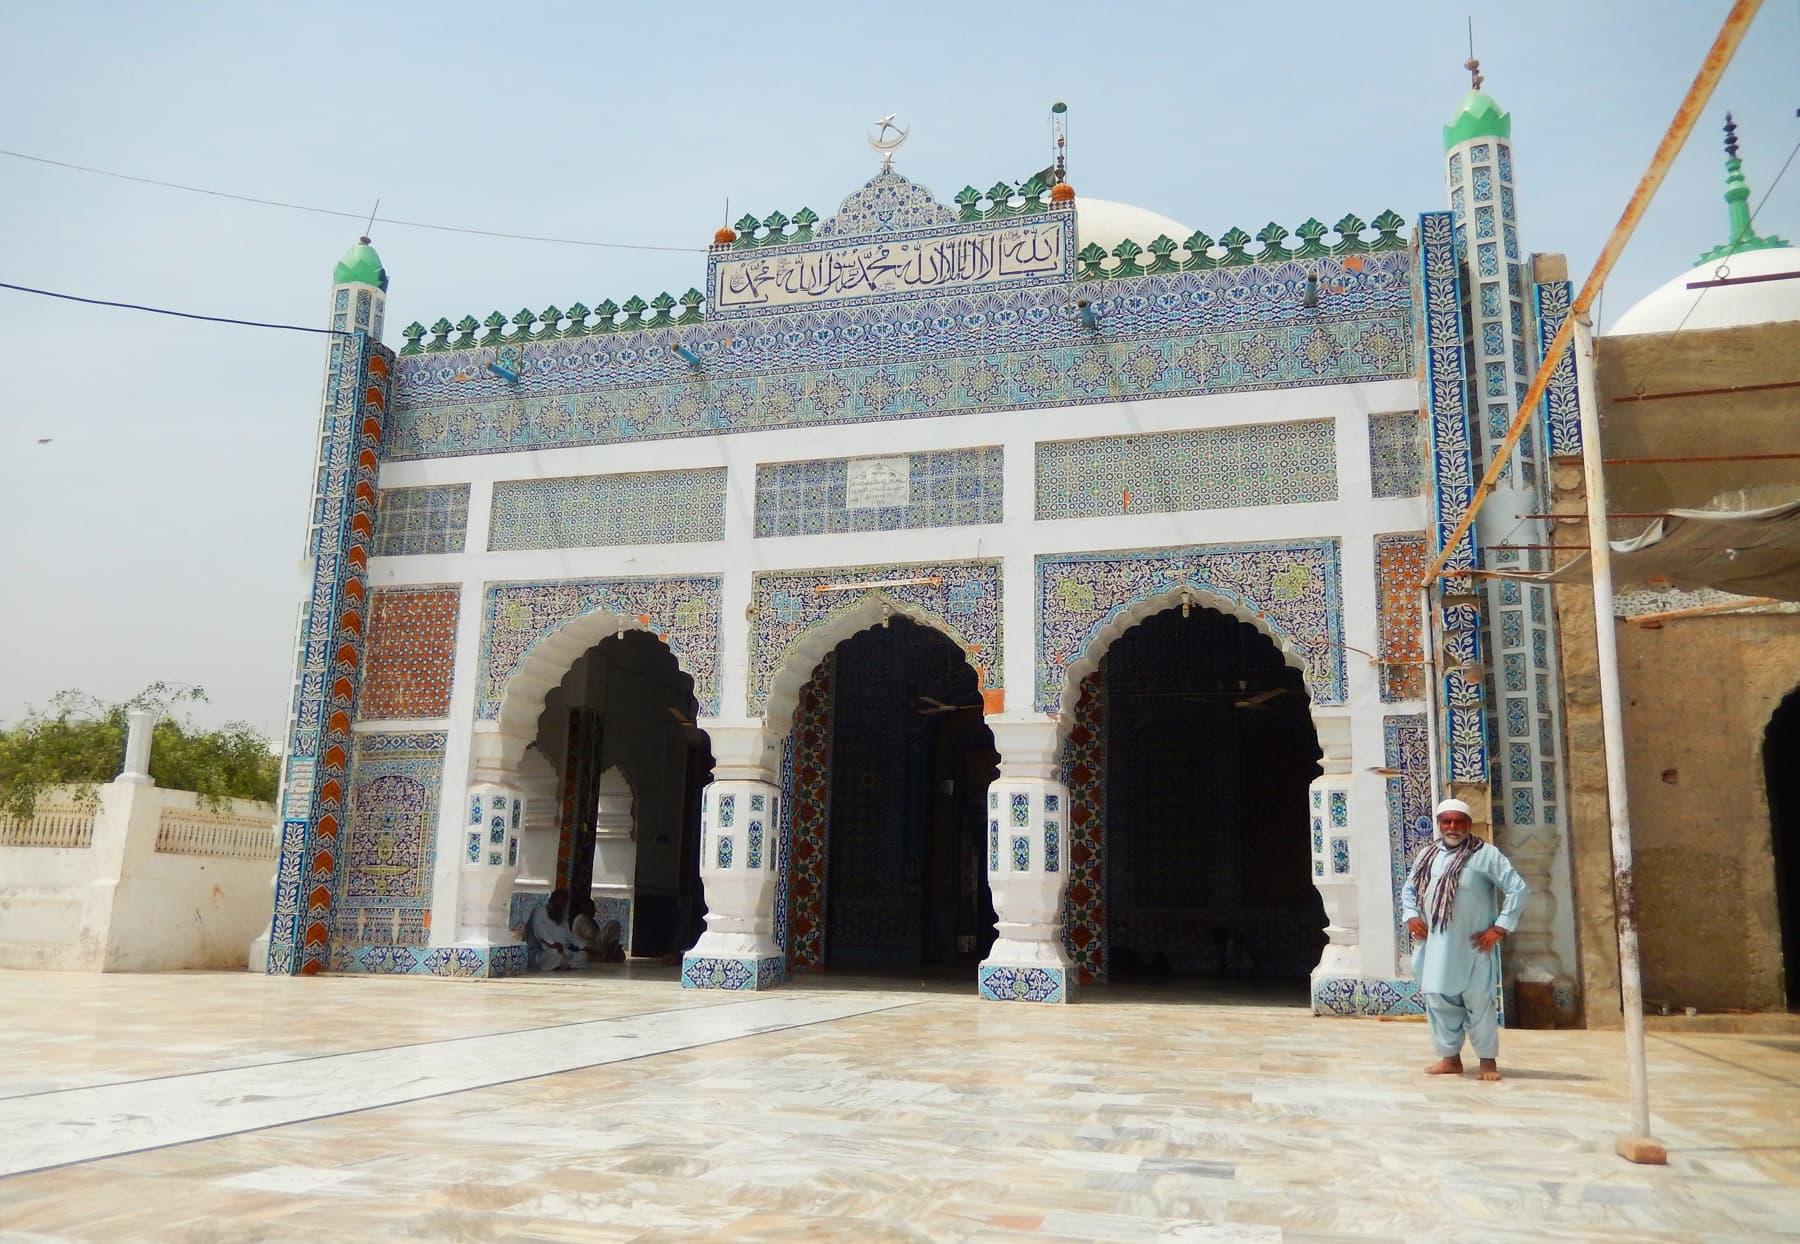 مقبرہ شاہ کریم بلڑی وارو—ابوبکر شیخ